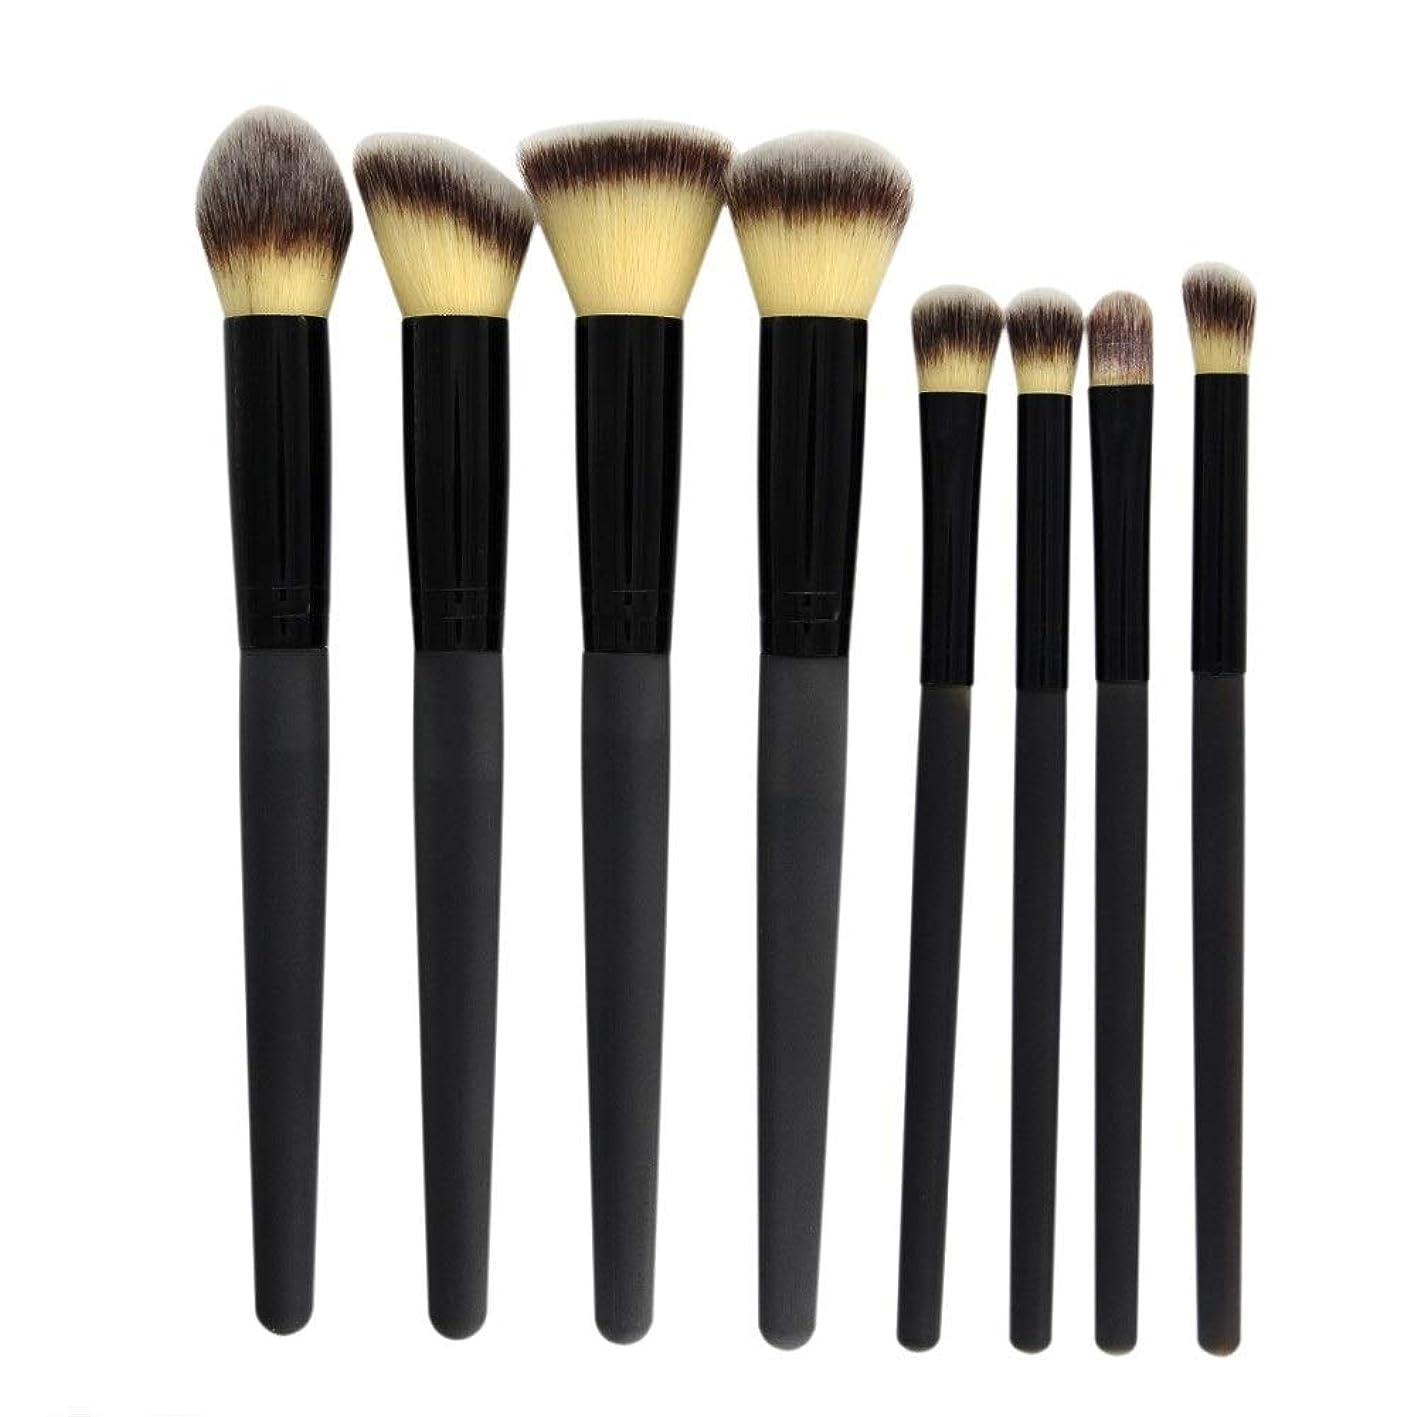 植物学リボン通知多機能 化粧ブラシセット 8本セット メイクブラシセット 人気 化粧筆 化粧ブラシ パウダーファンデーション アイシャドーブラシ 化粧品美容ツール (Color : ブラック, Size : S)